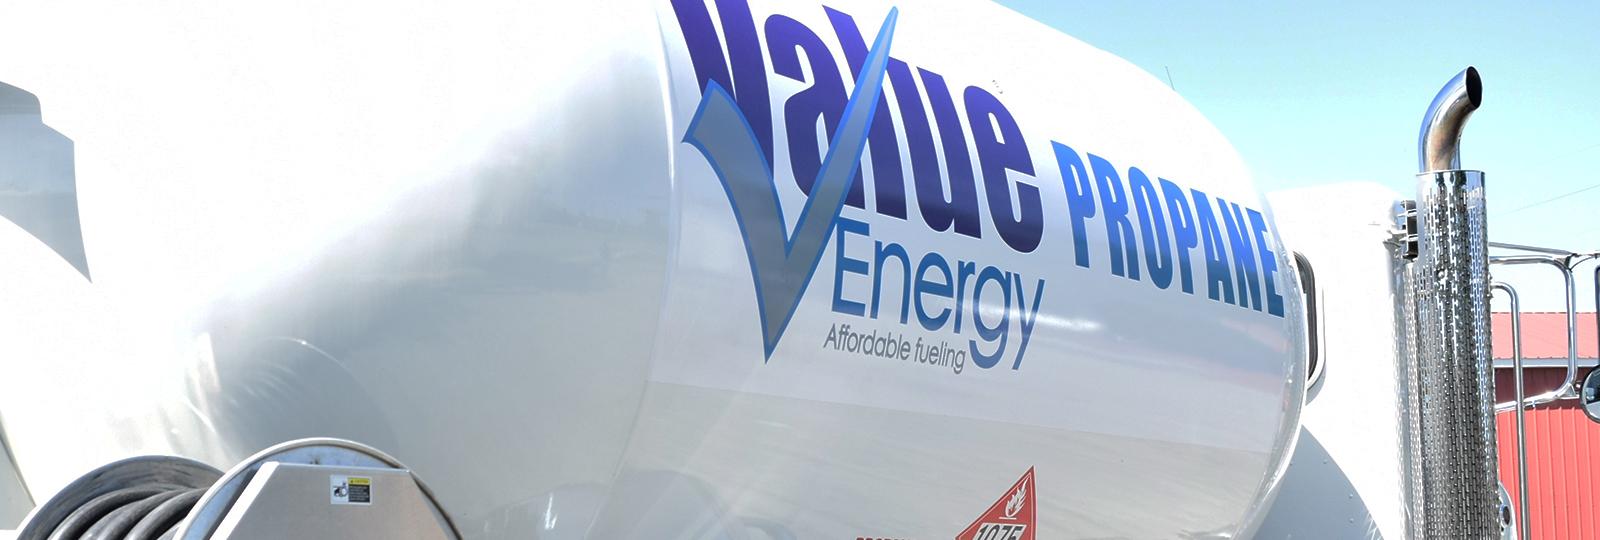 Value Energy Propane Truck